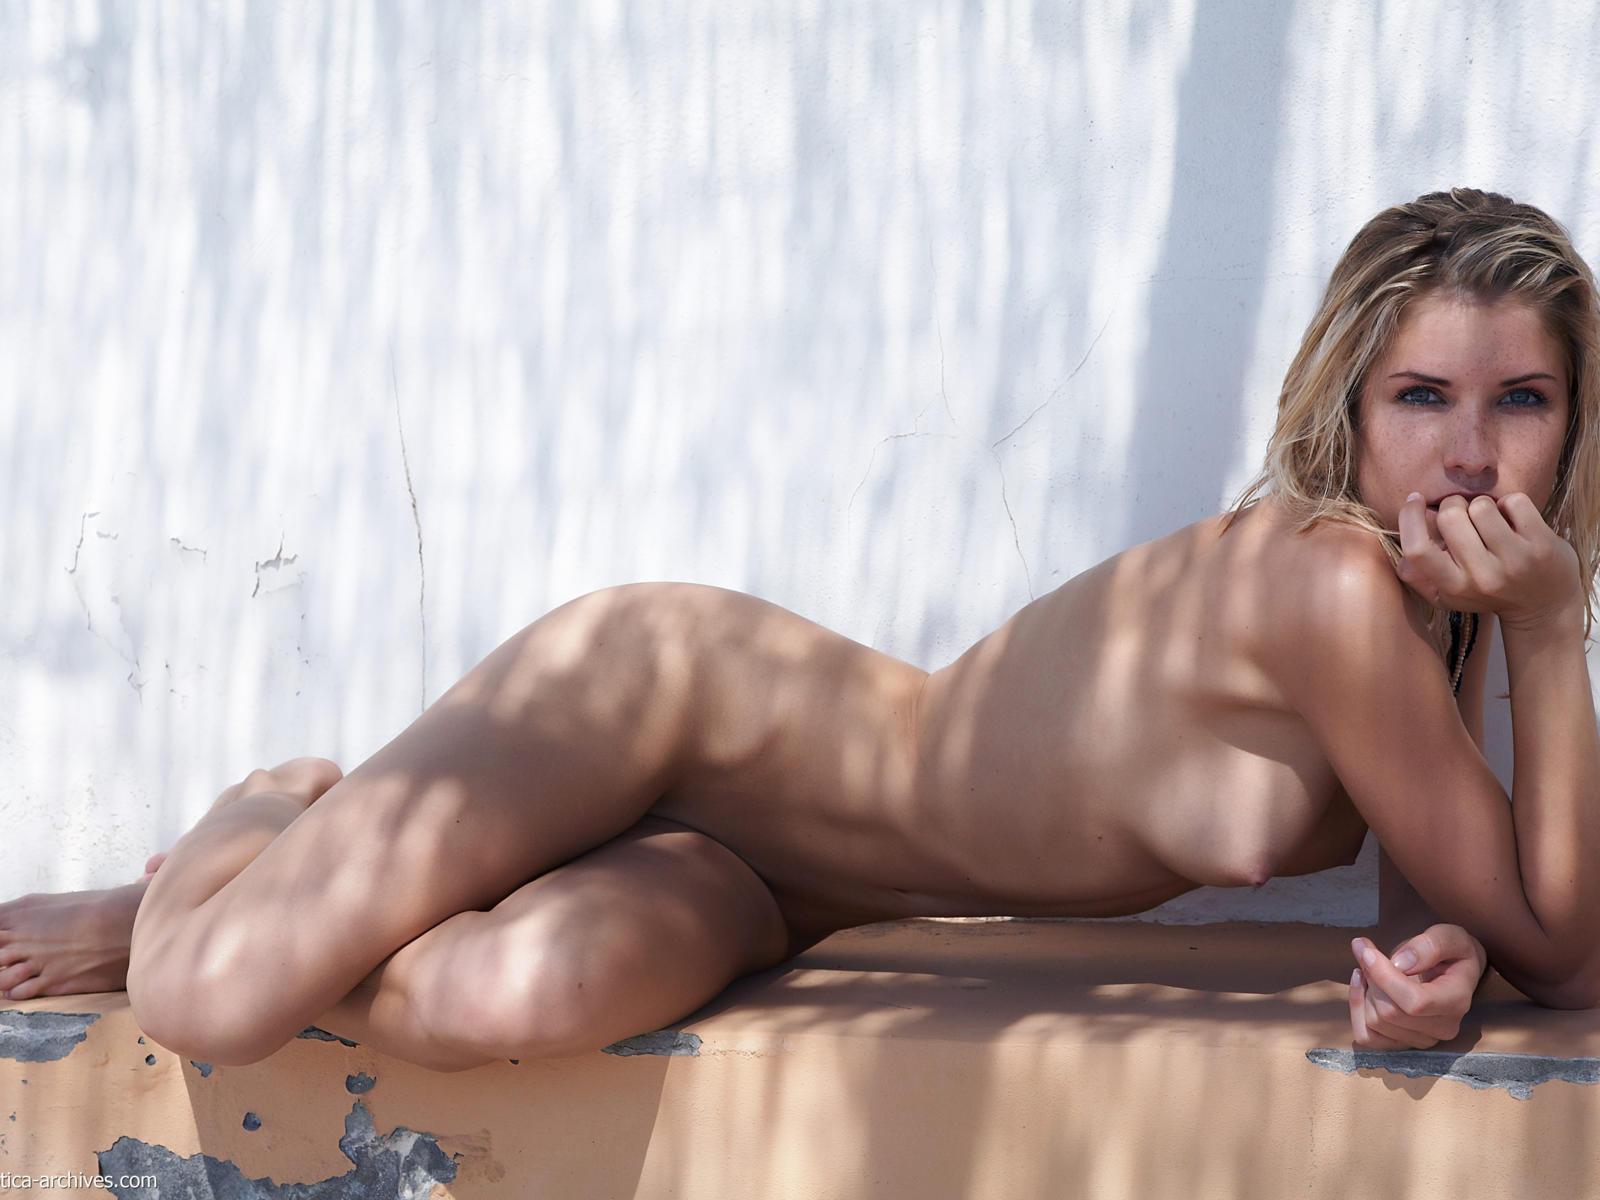 Czech blonde with hot ass lapdances 2